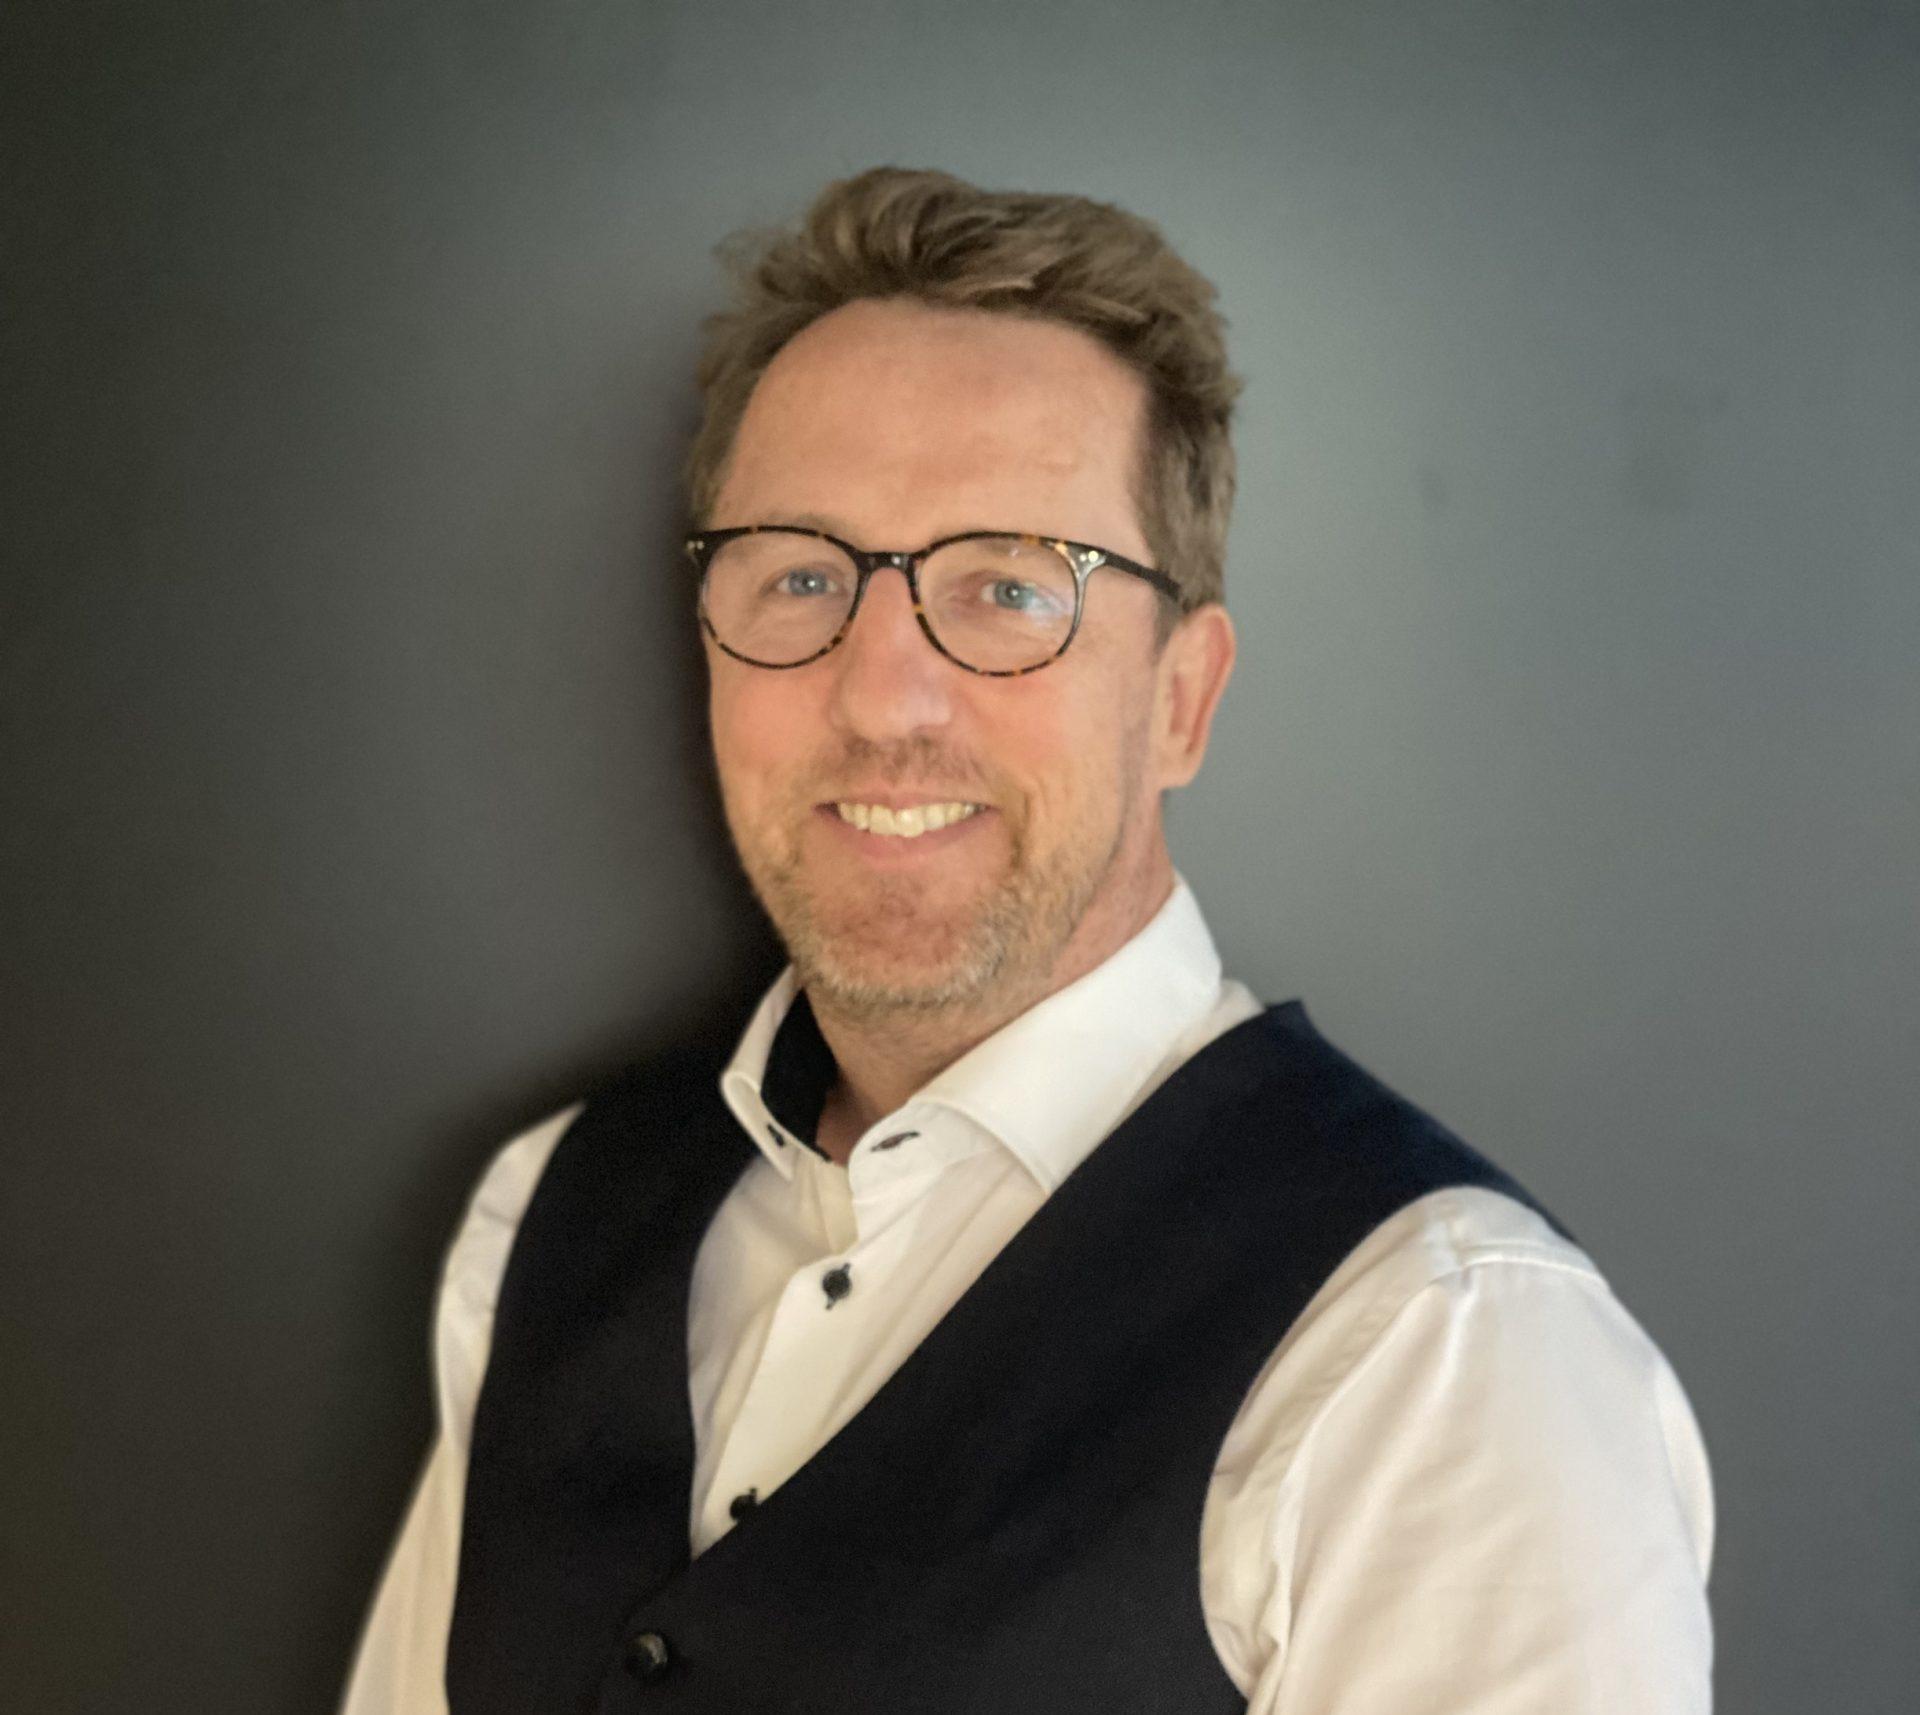 Morten Albrechtsen